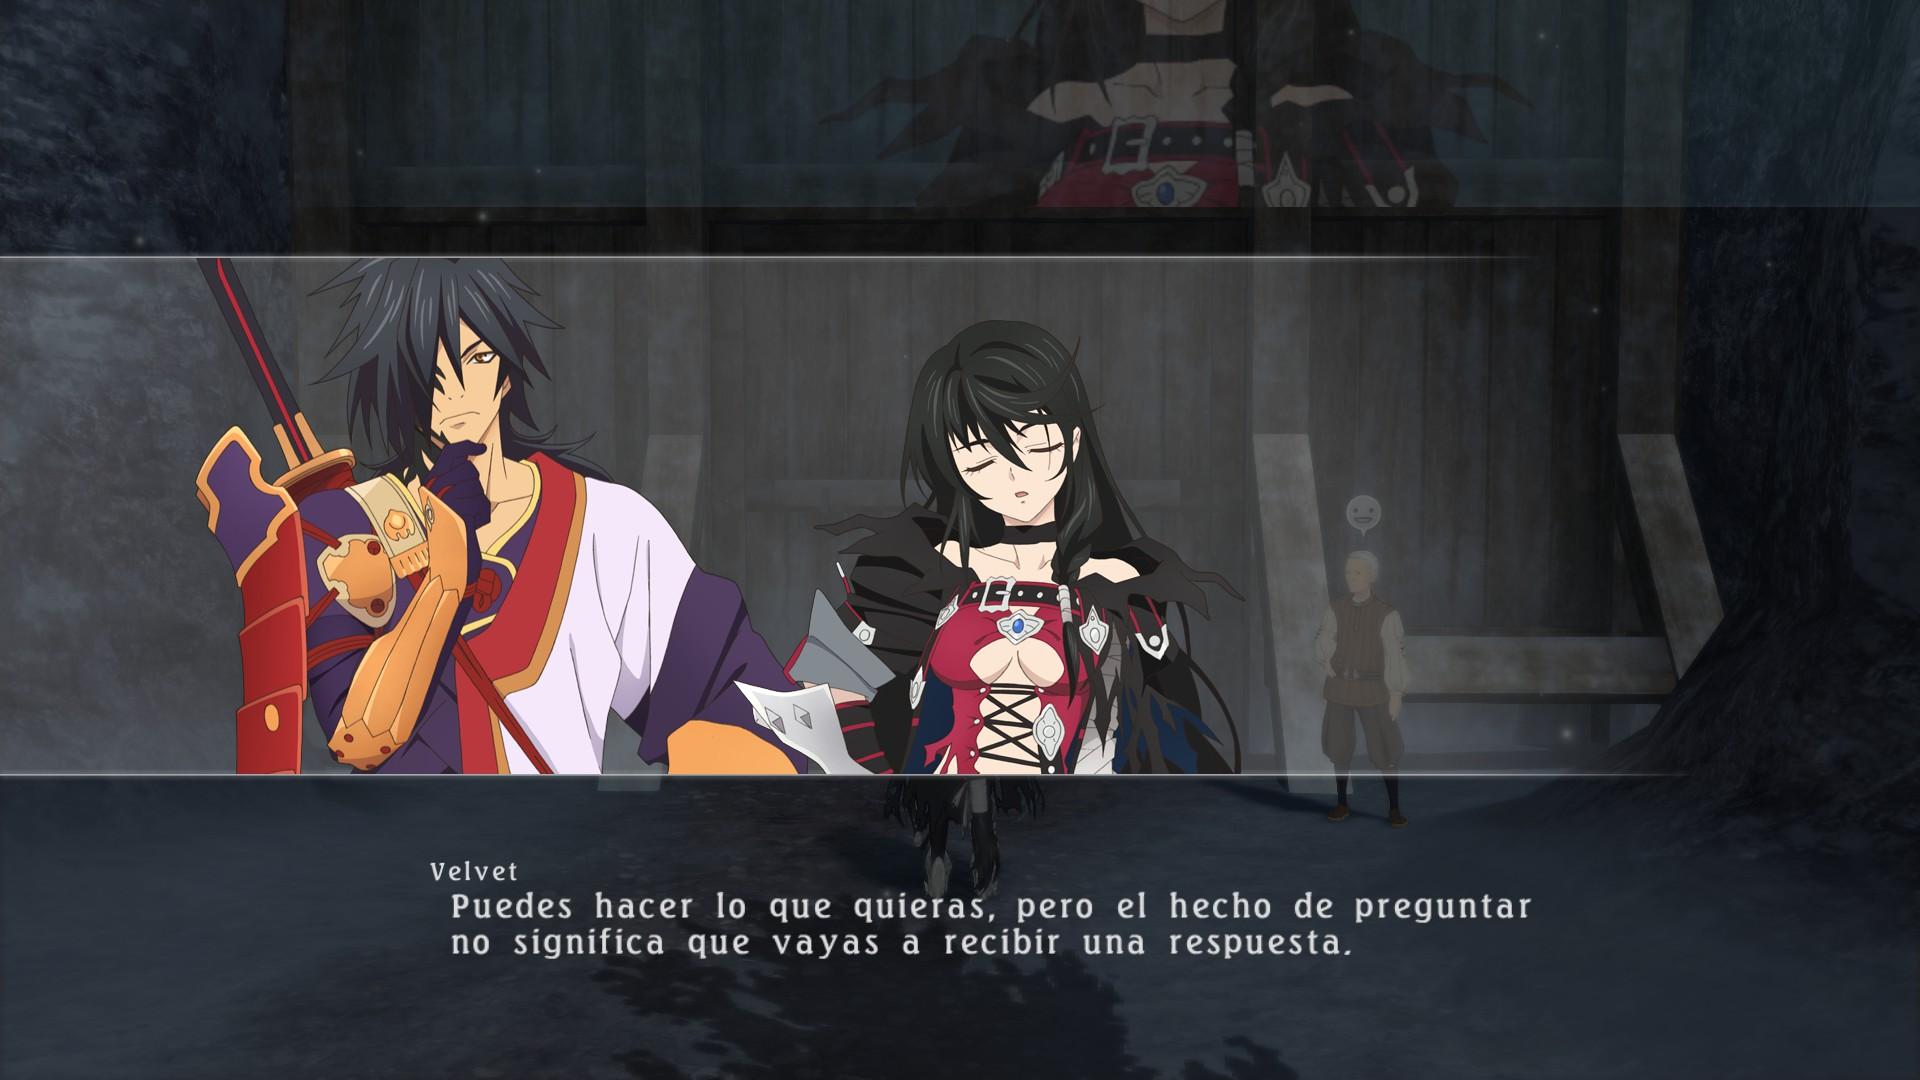 El concepto de libertad en los juegos de Tales of